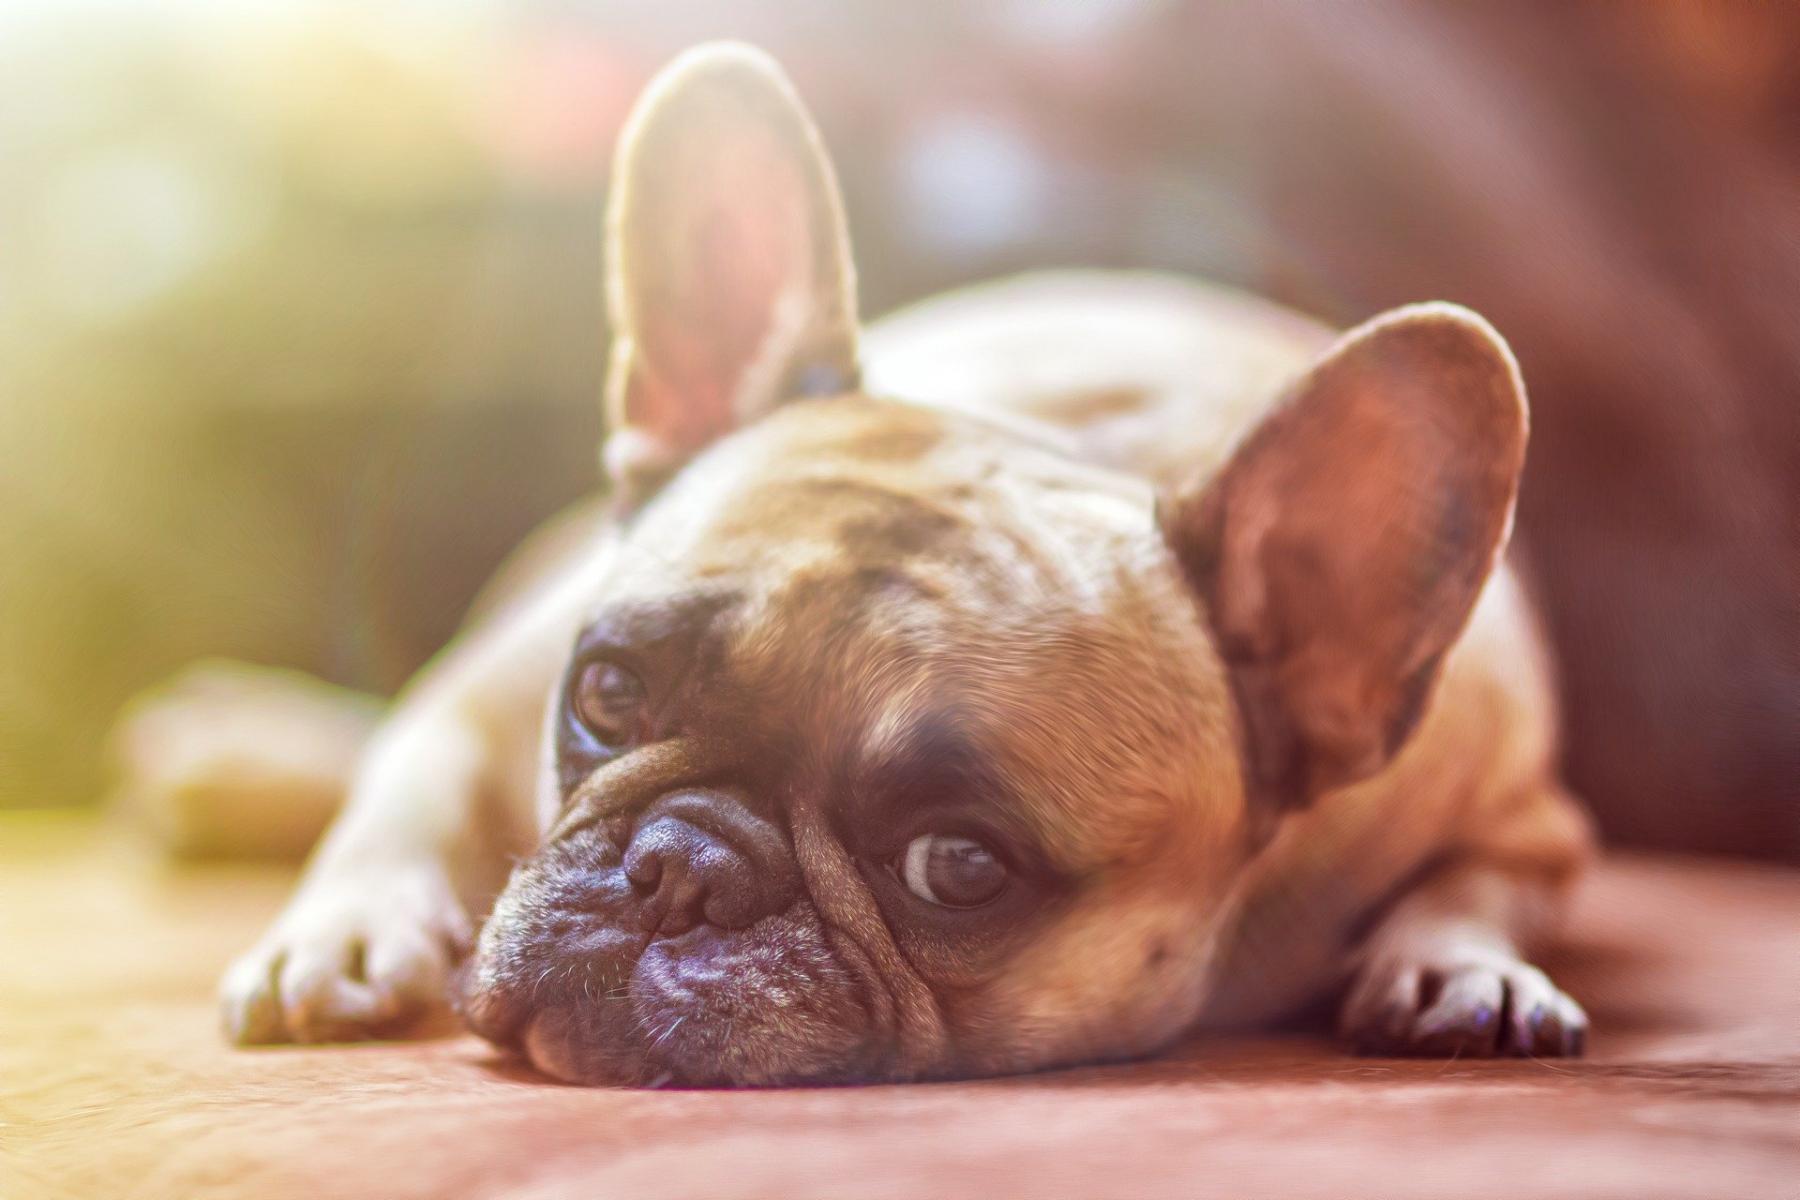 Фото «Ела собак, чтобы выжить»: на алтайскую живодёрку завели уголовное дело 2